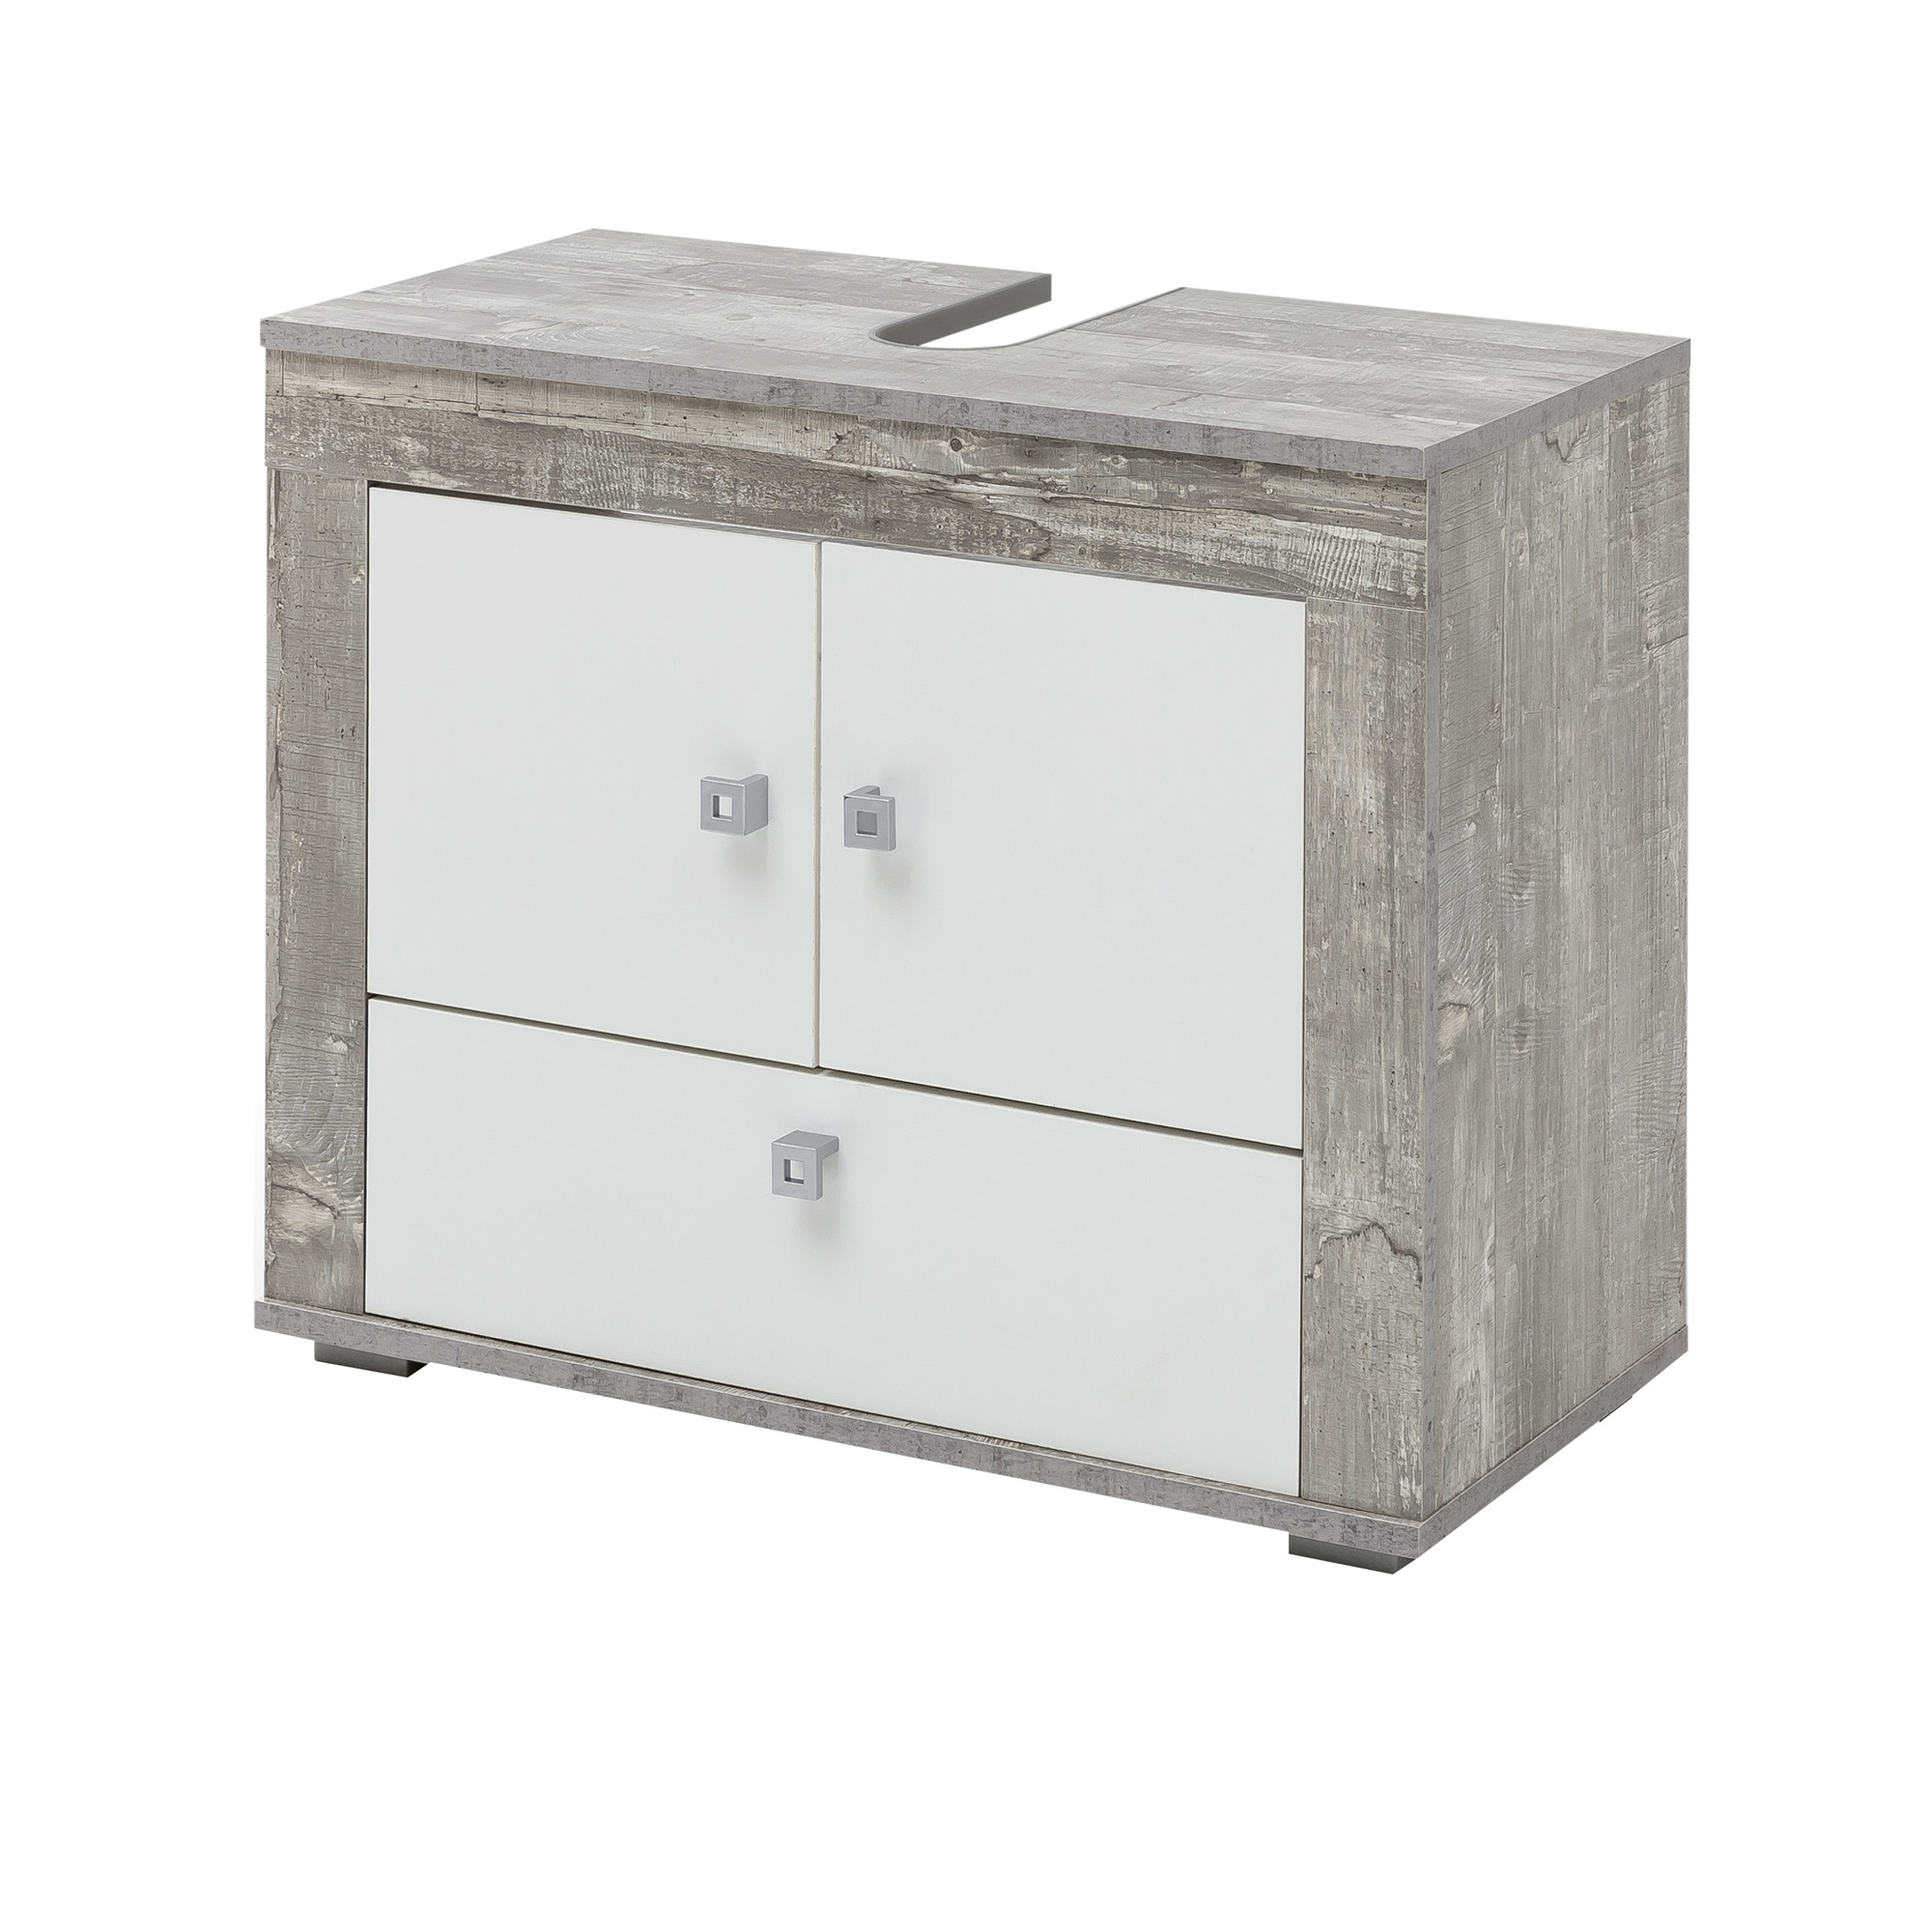 Full Size of Ausgefallene Möbelgriffe Bad Waschbeckenunterschrank Rgen 2 Trig Küche Betten Wohnzimmer Ausgefallene Möbelgriffe